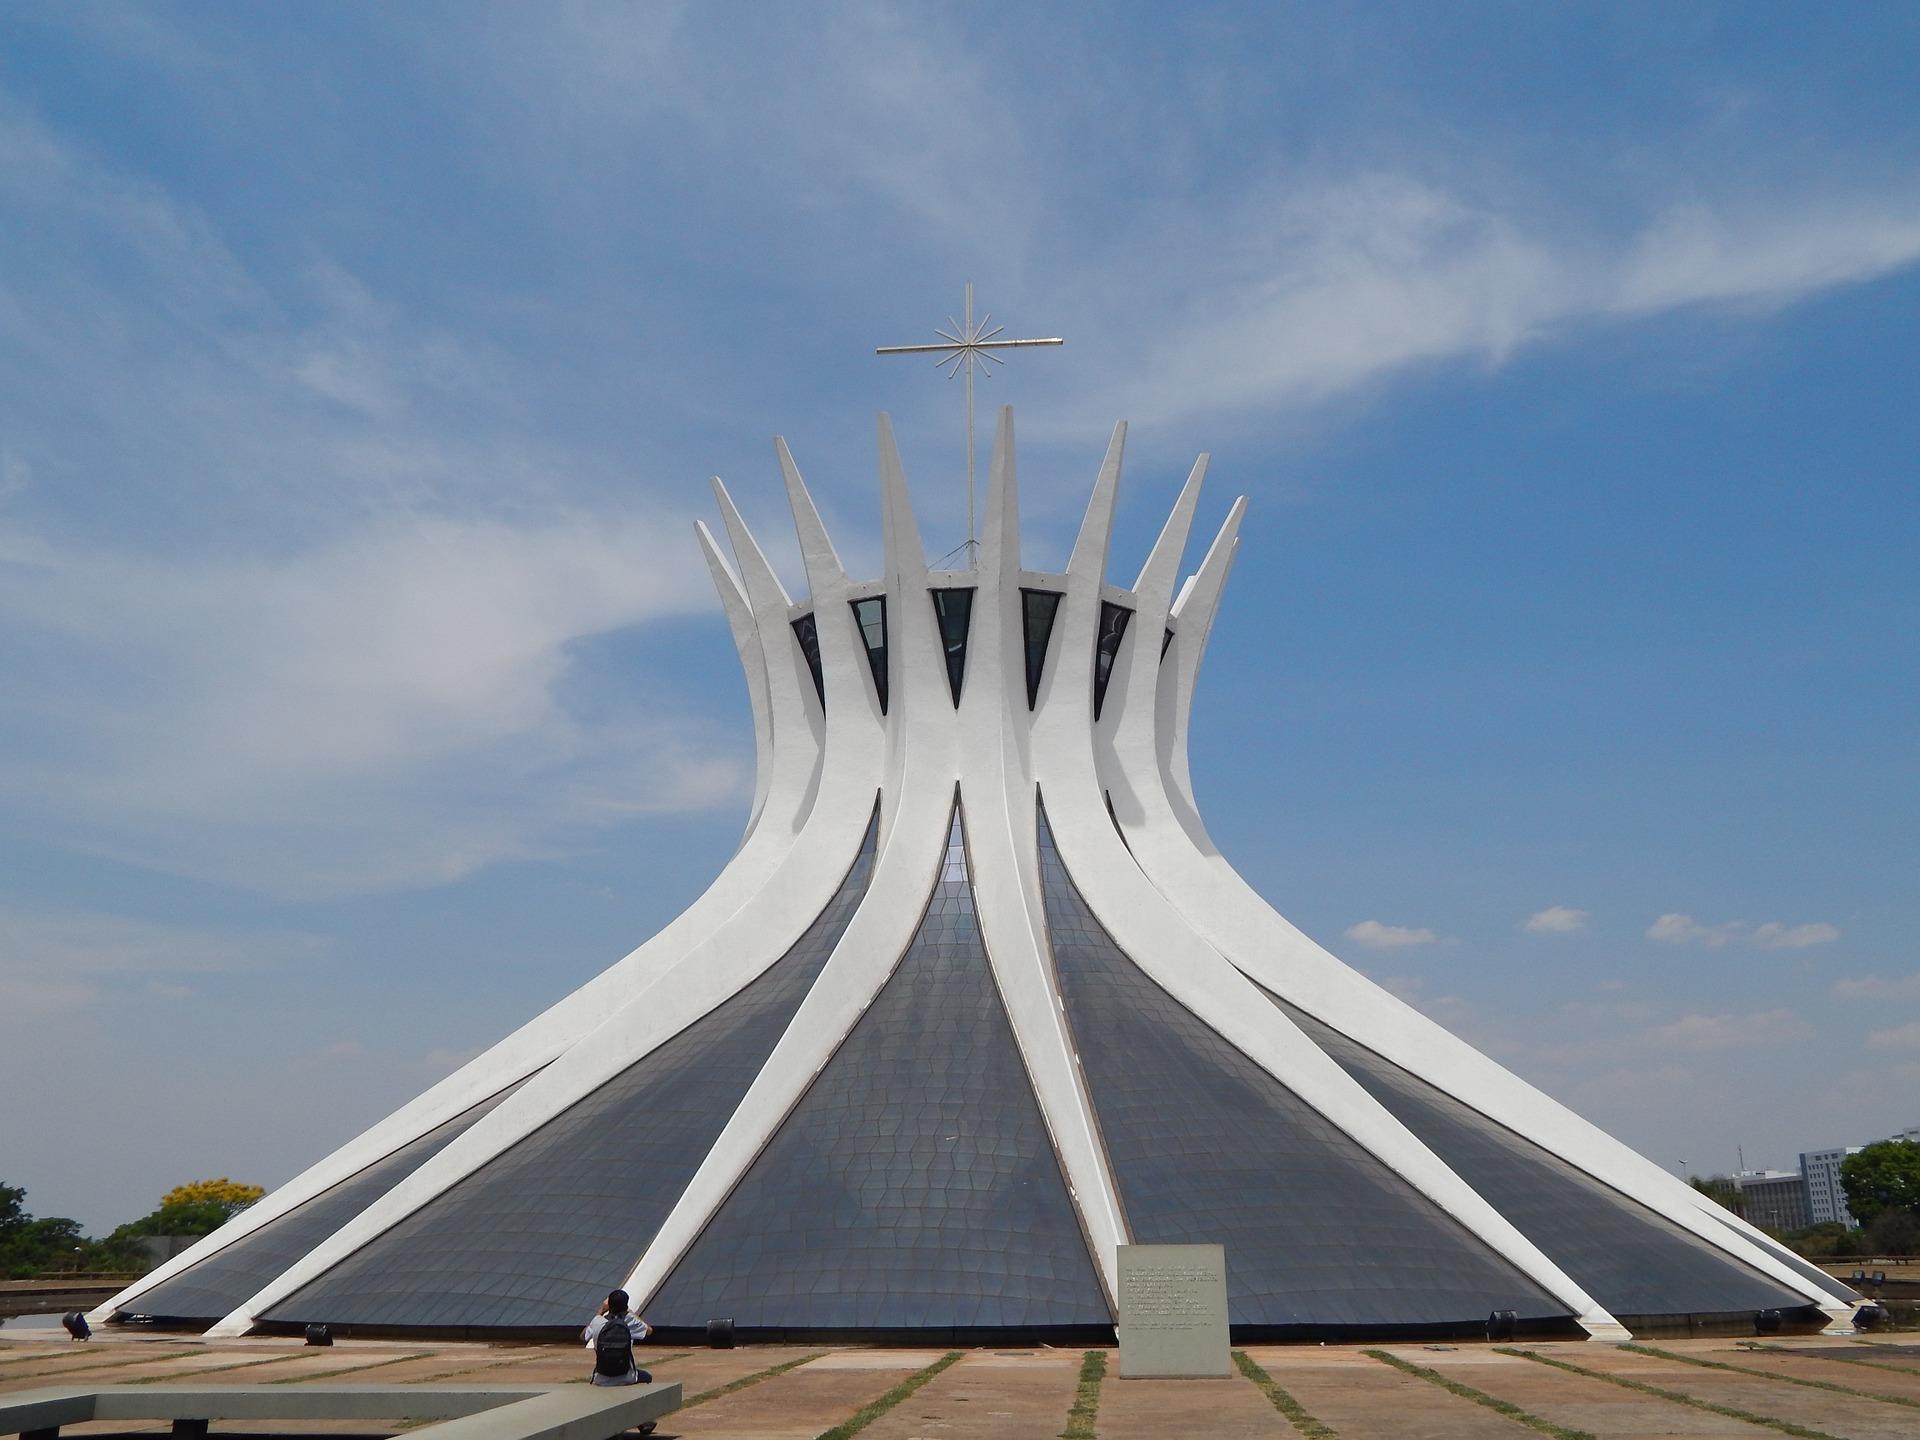 Postoji li neobičnija katedrala od one u Brazilu?